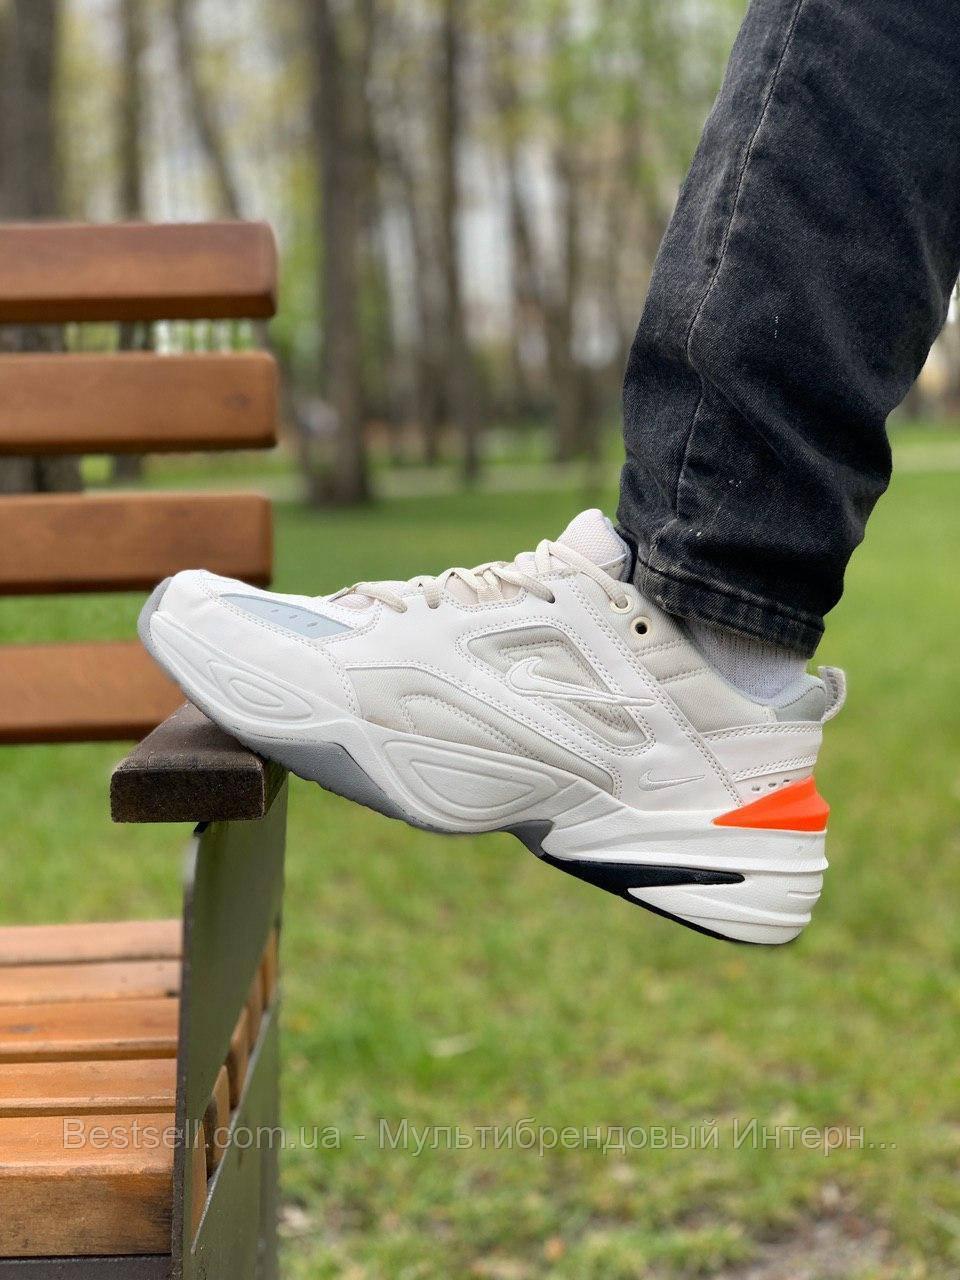 Кросівки натуральна шкіра Nike M2K Tekno Найк М2К Текно (43,44,45)